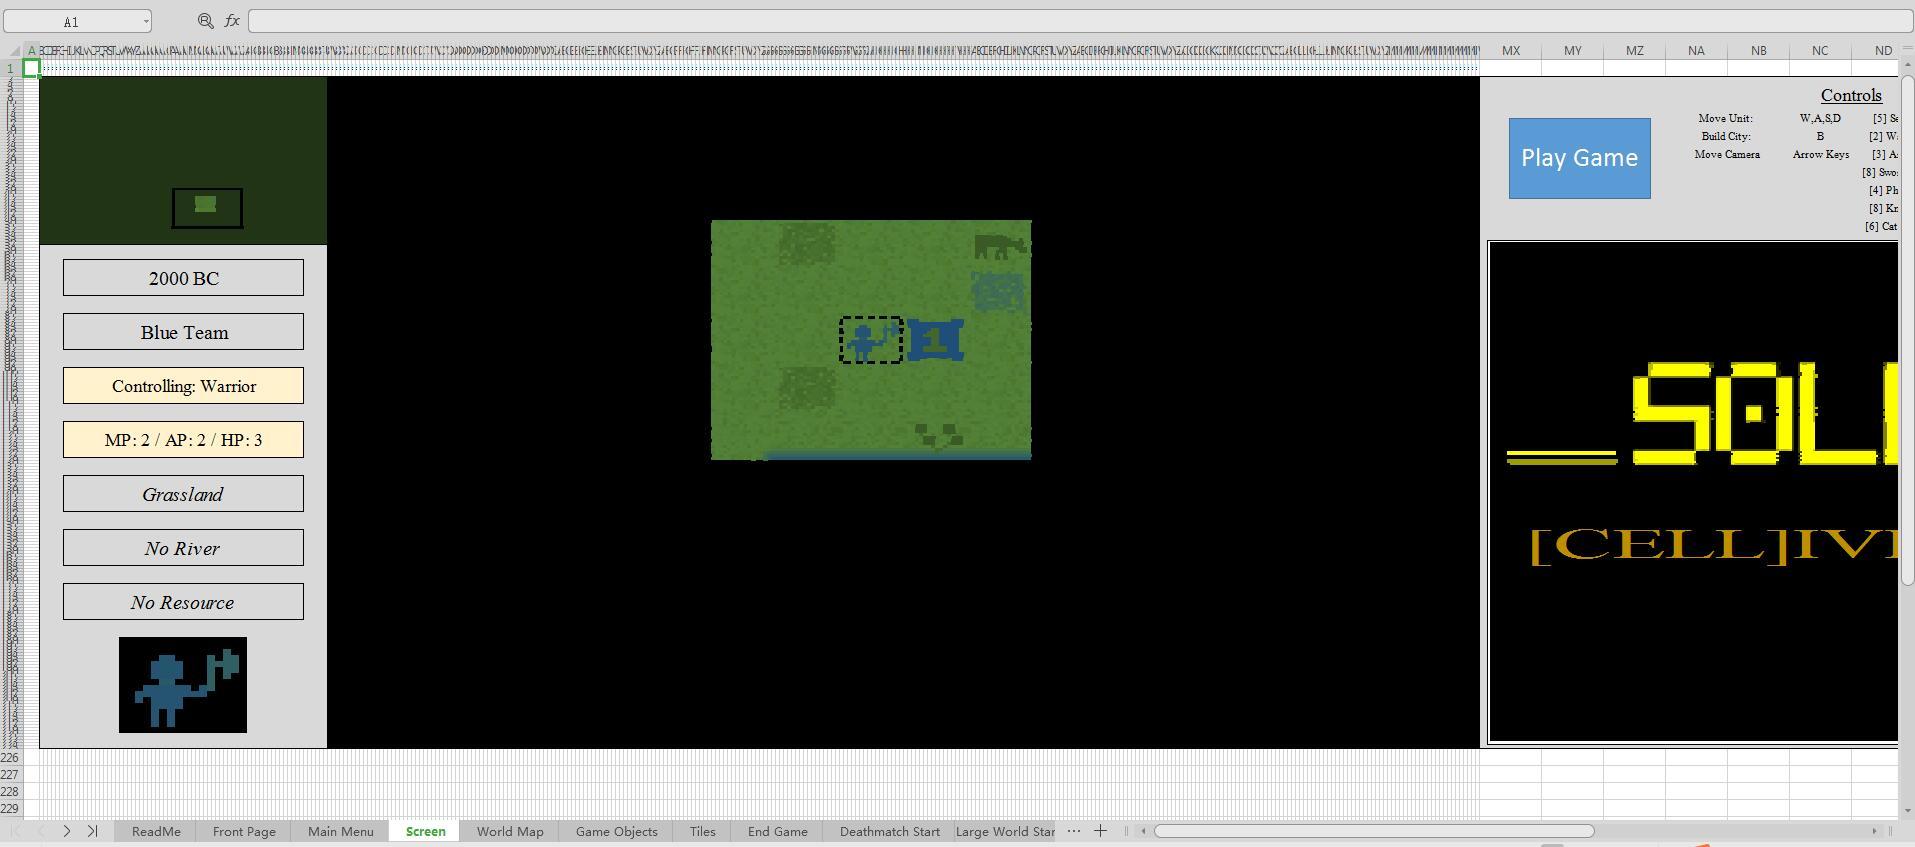 传说中的精通Excel?高玩用Excel重制《文明》初代游戏